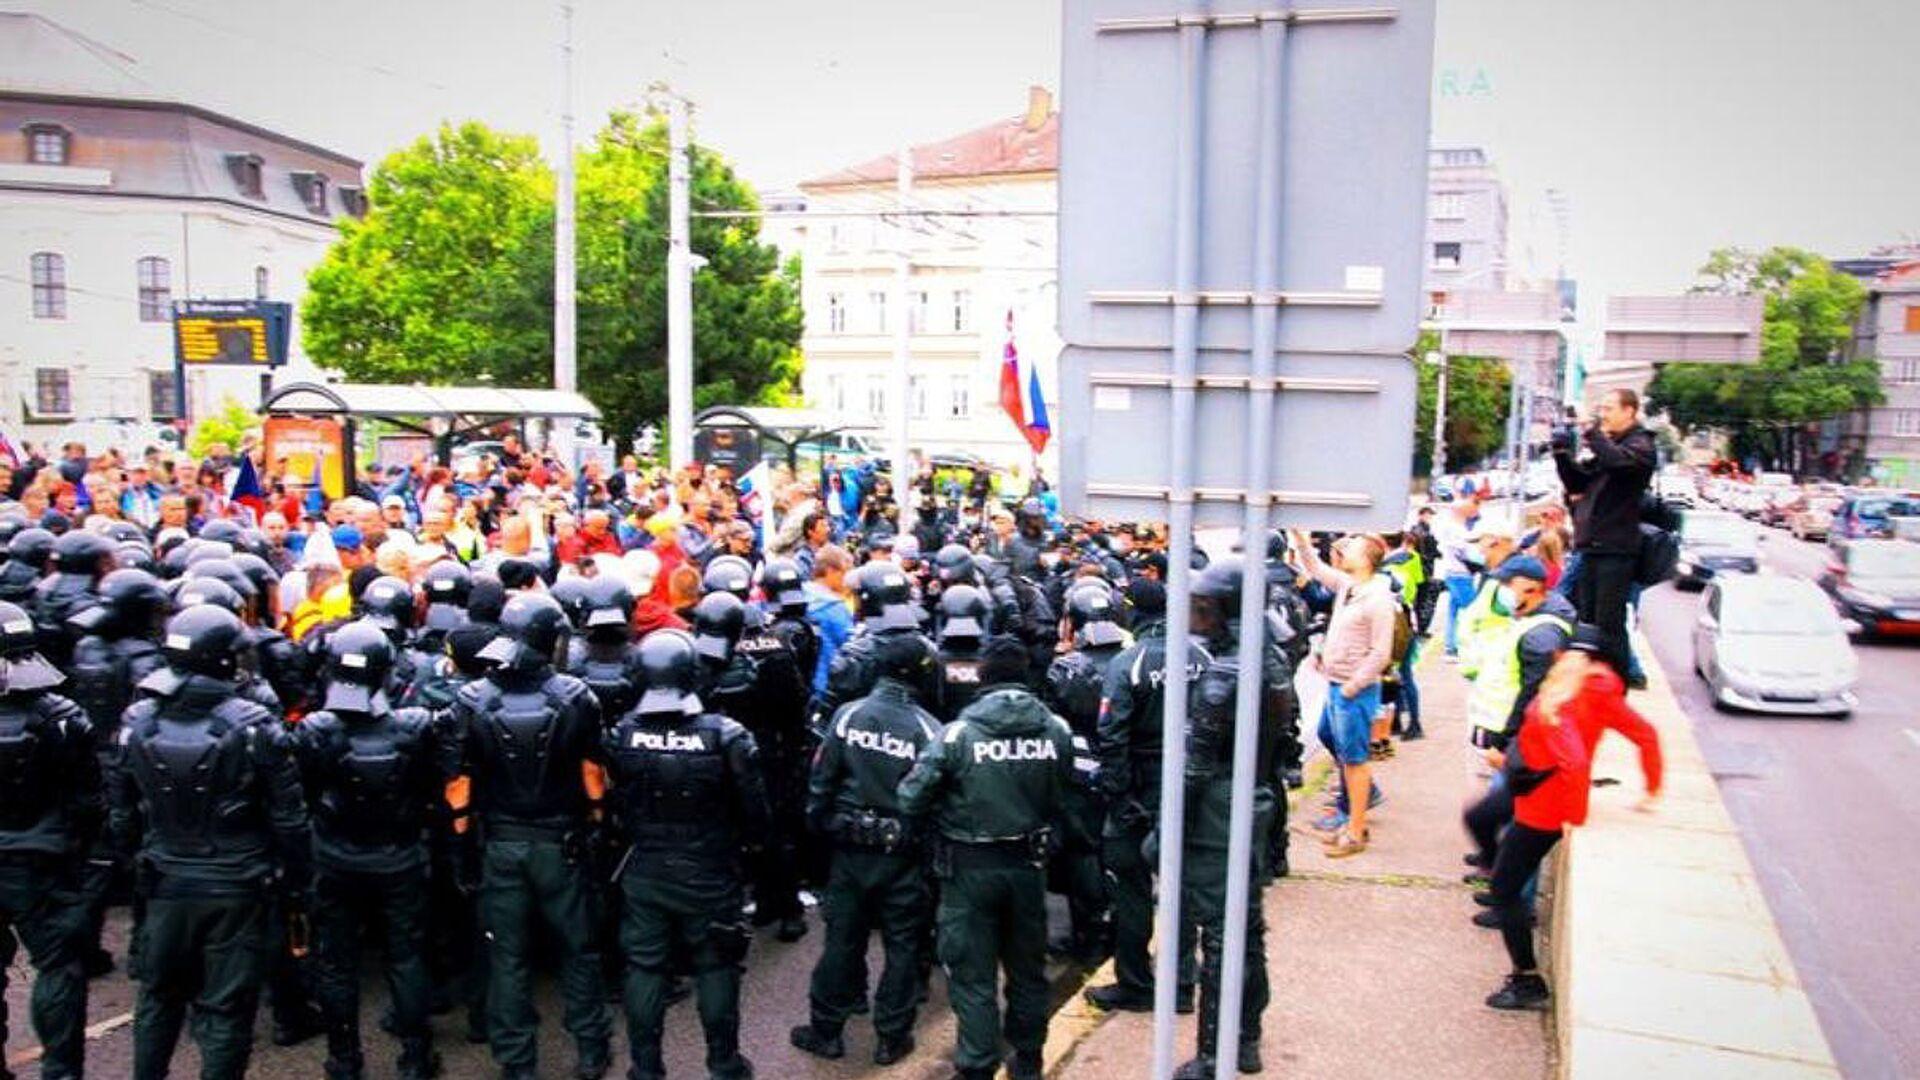 Protesty v Bratislavě proti očkování (5. 8. 2021) - Sputnik Česká republika, 1920, 02.09.2021